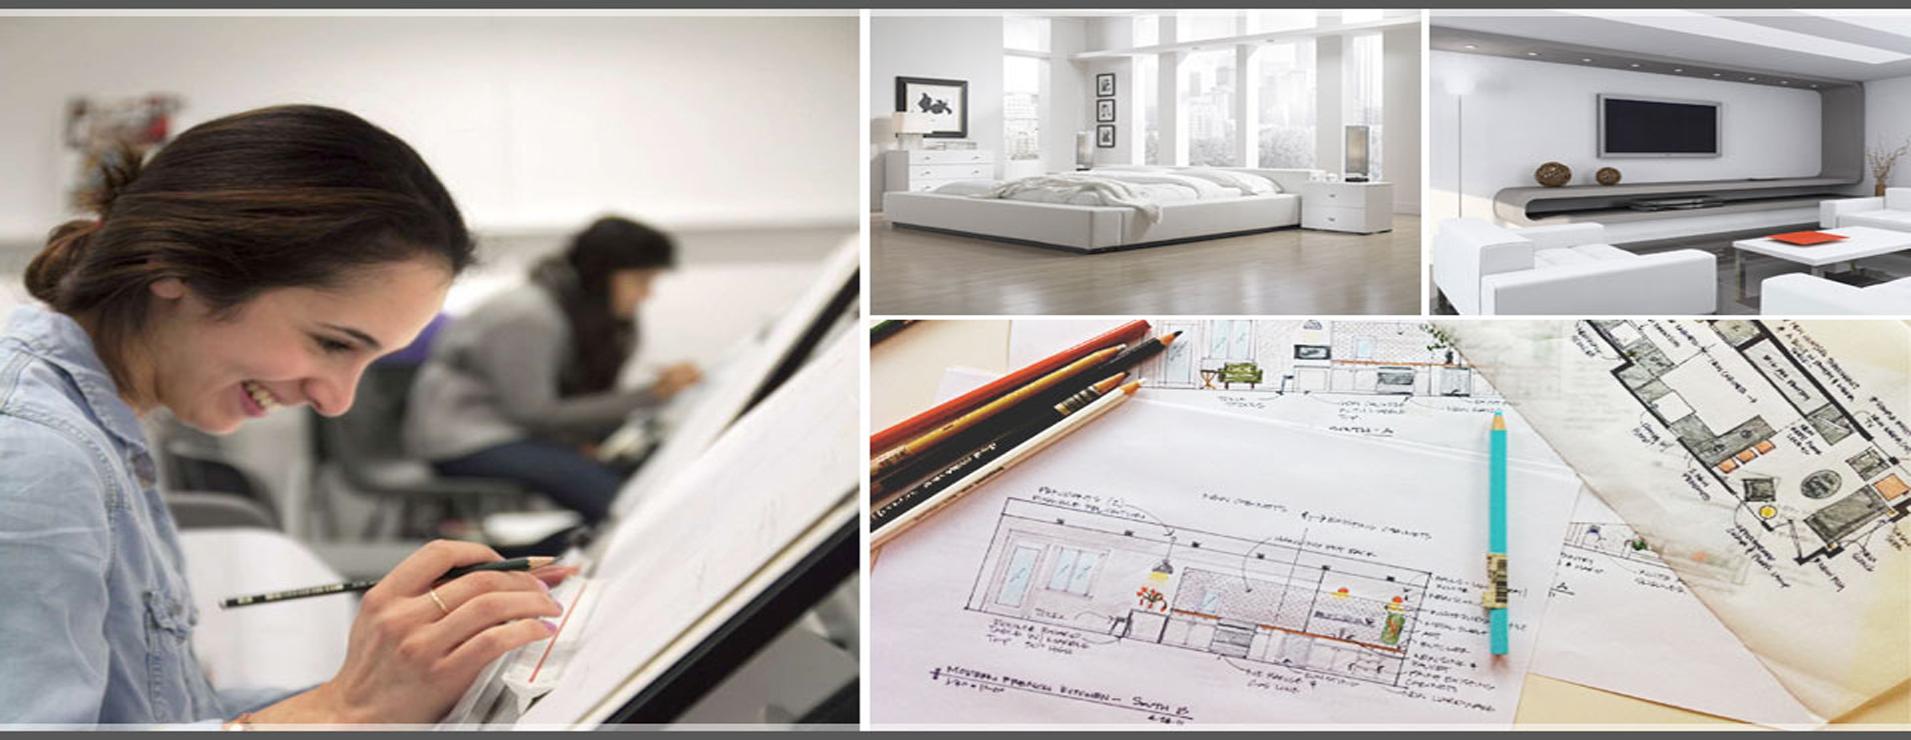 Best no1 interior designing college in Bhubaneswar Odisha